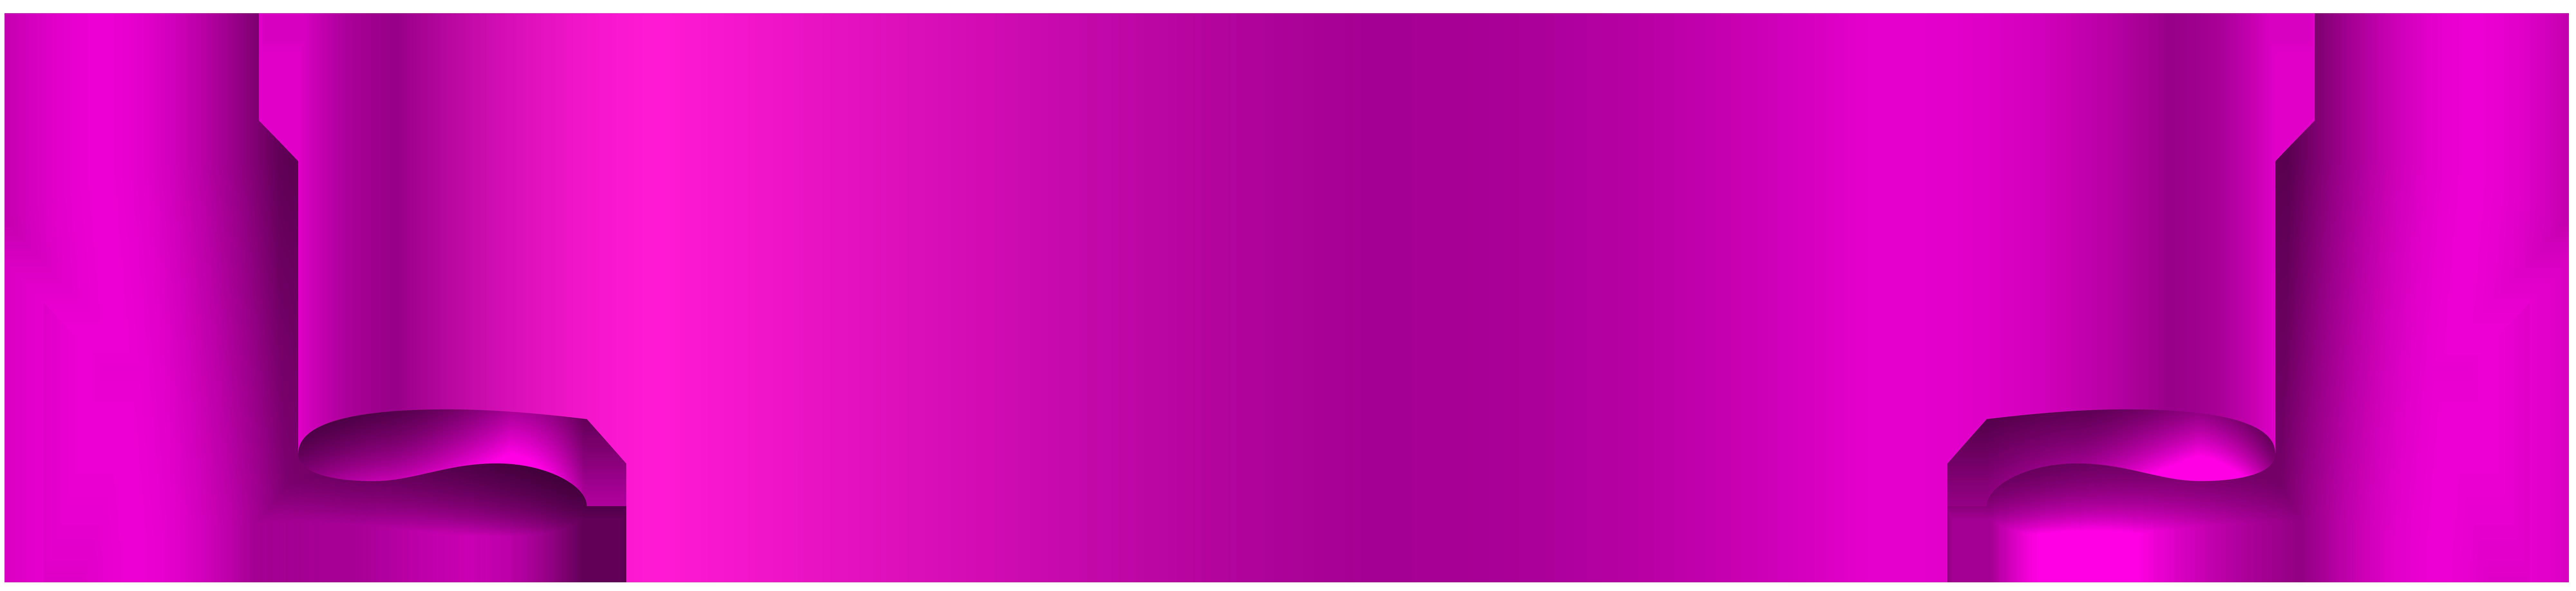 Pink transparent clip art. Purple clipart banner